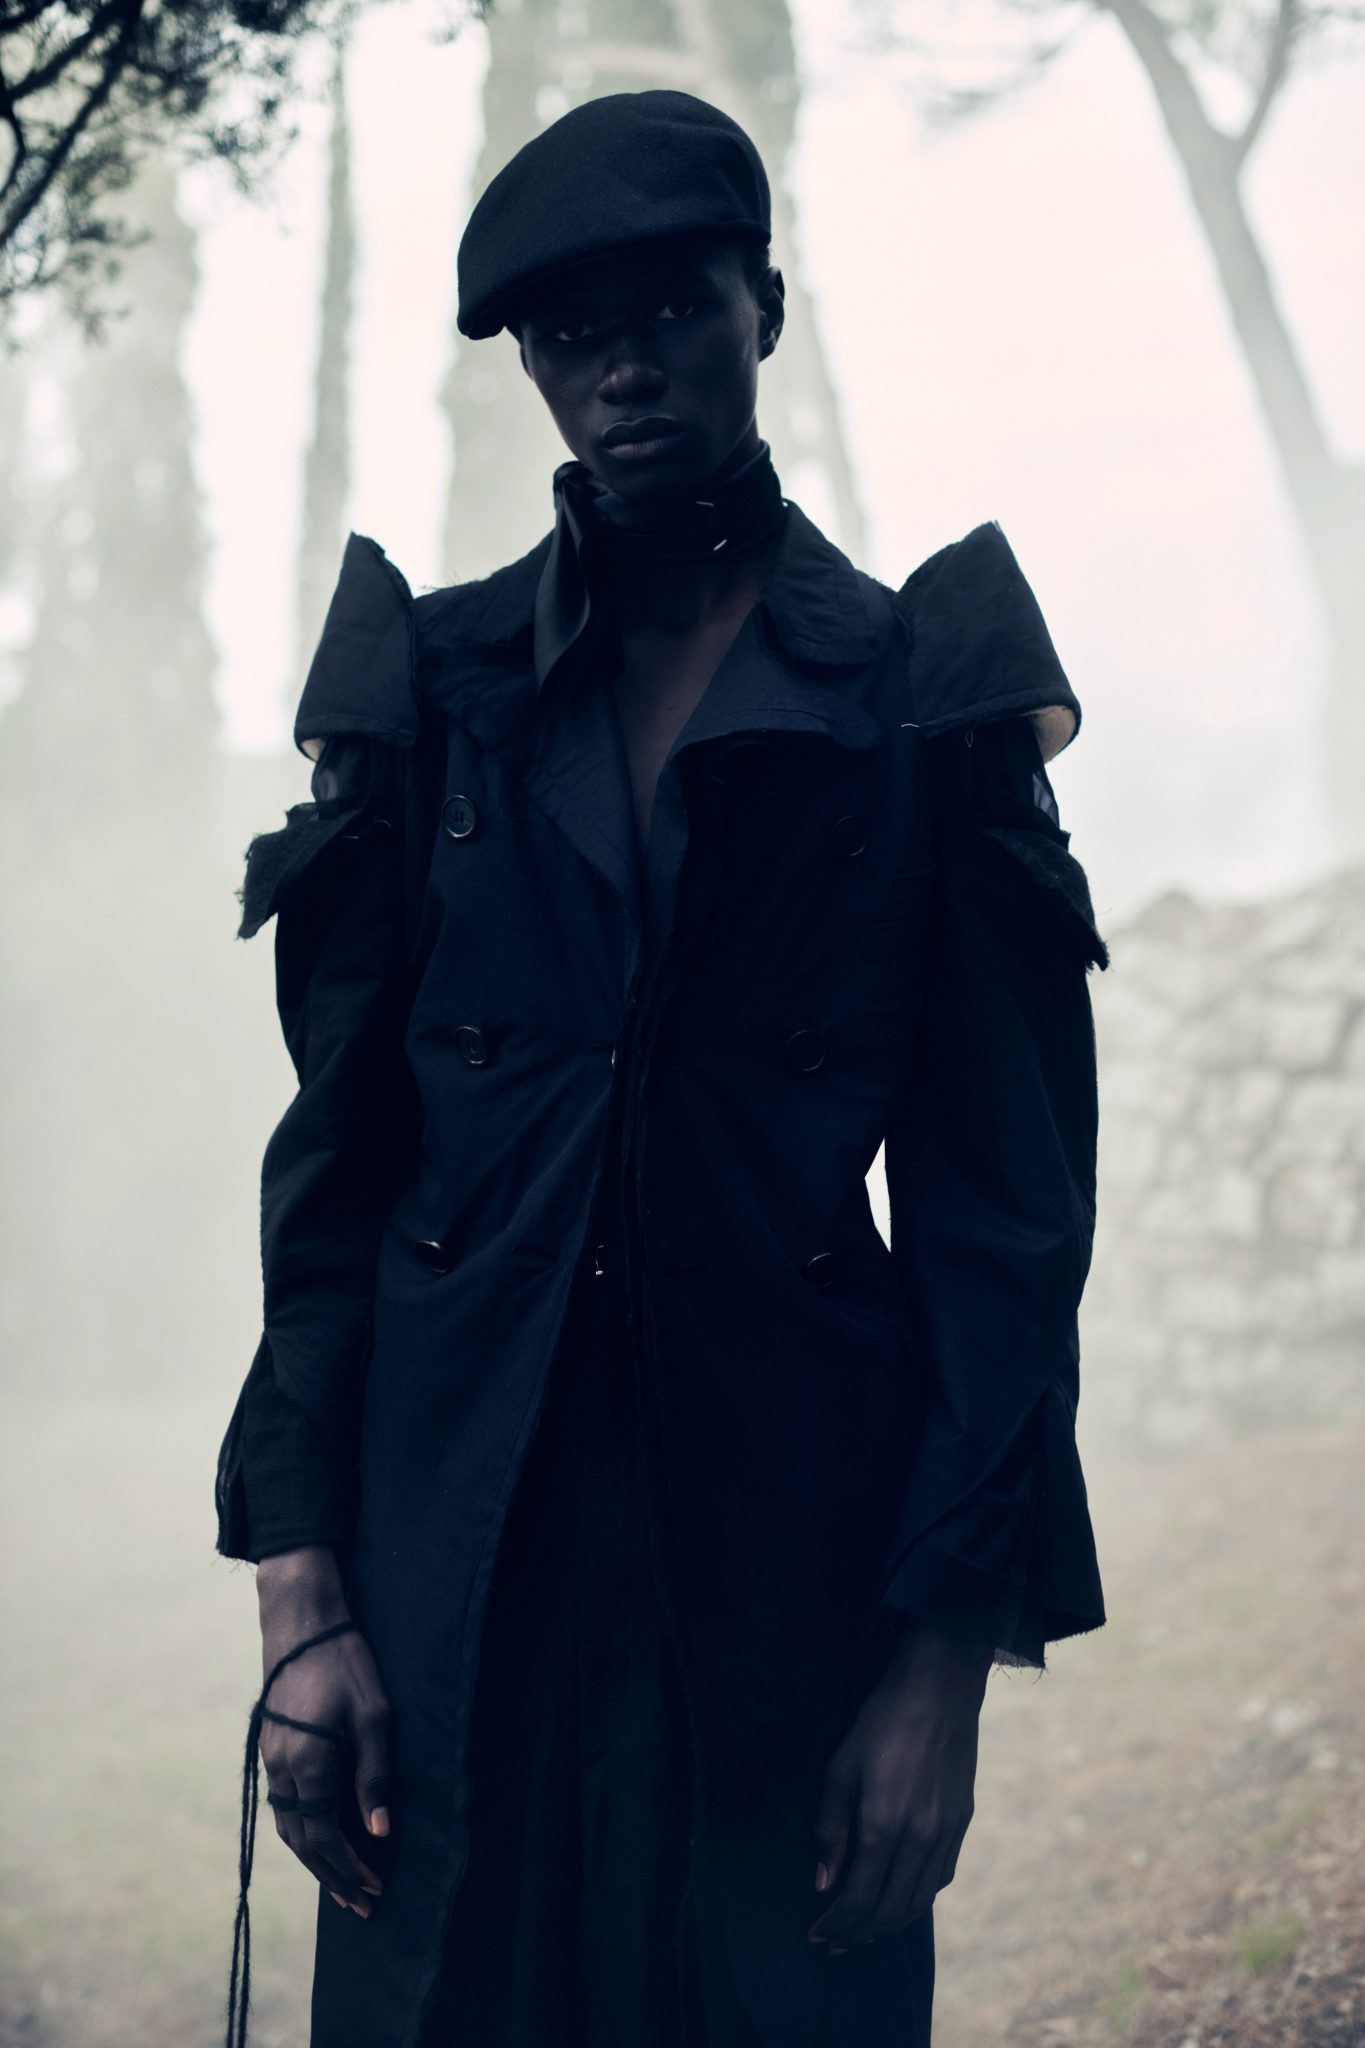 De SS21-collectie van Maison Margiela biedt stijlvolle inspiratie voor Halloween - 4